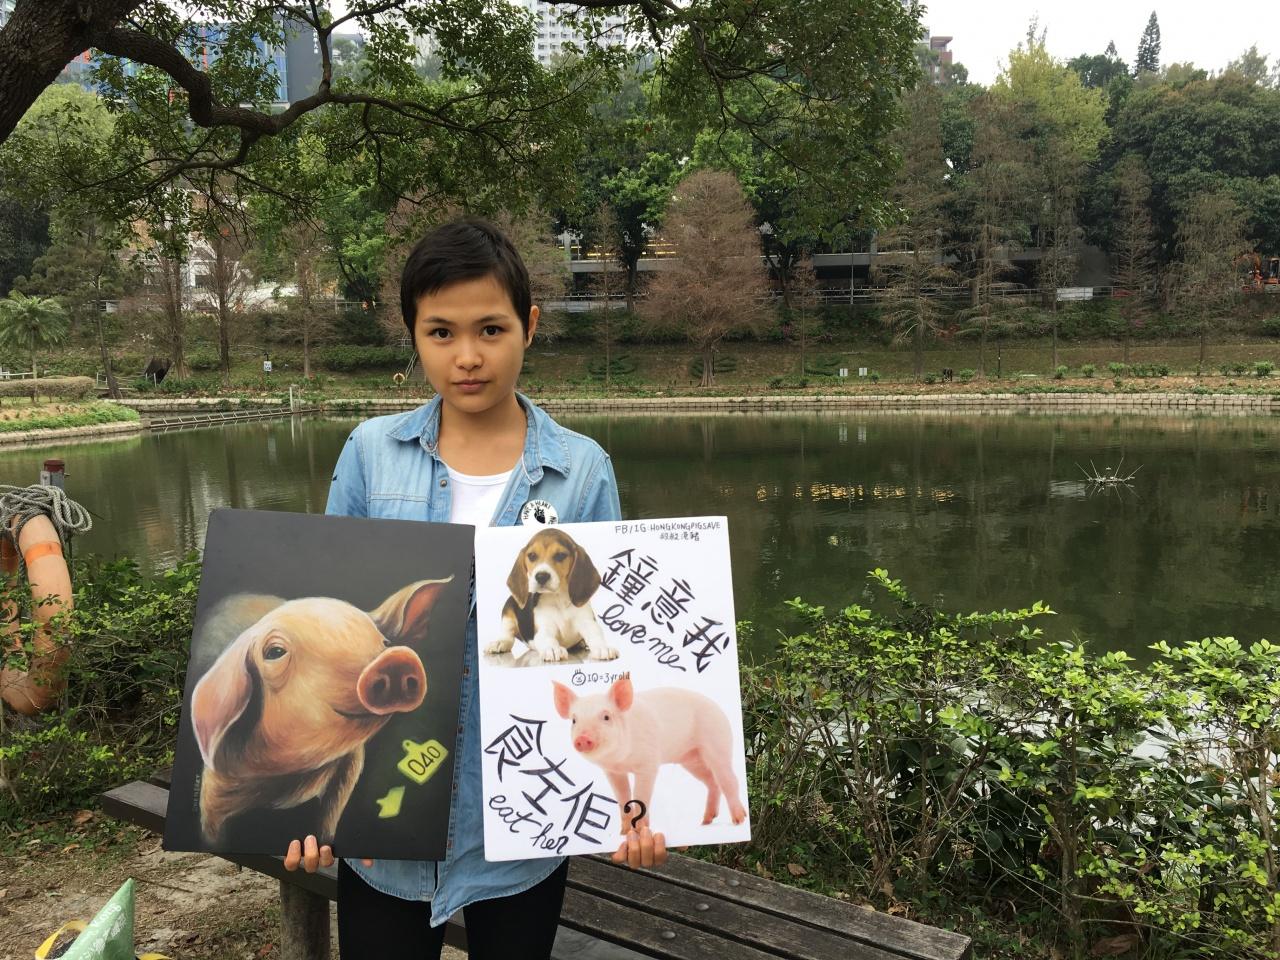 一芯特意把小豬和小狗一同畫在畫板上,讓人思考肉食背後的問題。(吳韻菁攝)